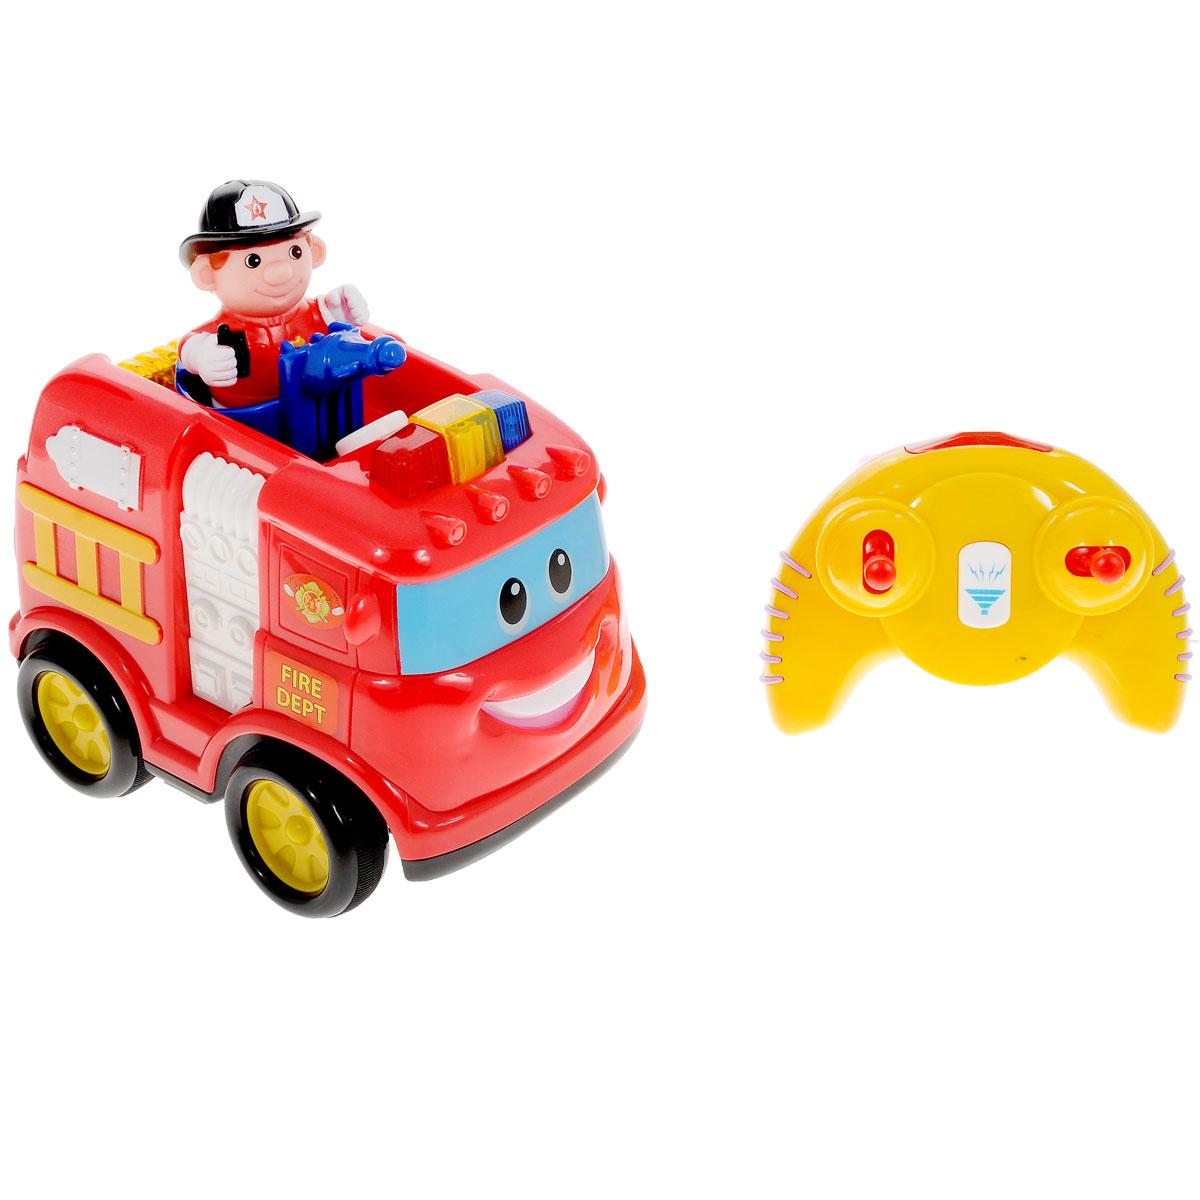 """Развивающая игрушка Kiddieland """"Пожарная машина"""" обязательно понравится малышу. Эта яркая забавная игрушка на пульте дистанционного управления привлечет внимание любого мальчишки, ведь она издает разные звуки и мигает огоньками, двигается вперед, назад, влево и вправо. На кабине машины есть несколько кнопок, нажимая которые можно услышать рев мотора и пожарную сирену. Игрушка развивает мелкую моторику, мышление, зрительное и звуковое восприятие, повышает двигательную активность малышей. Рекомендуемый возраст: от 18 месяцев. Питание: 4 батарейки типа АА, 3 батарейки типа ААА (входят в комплект)."""